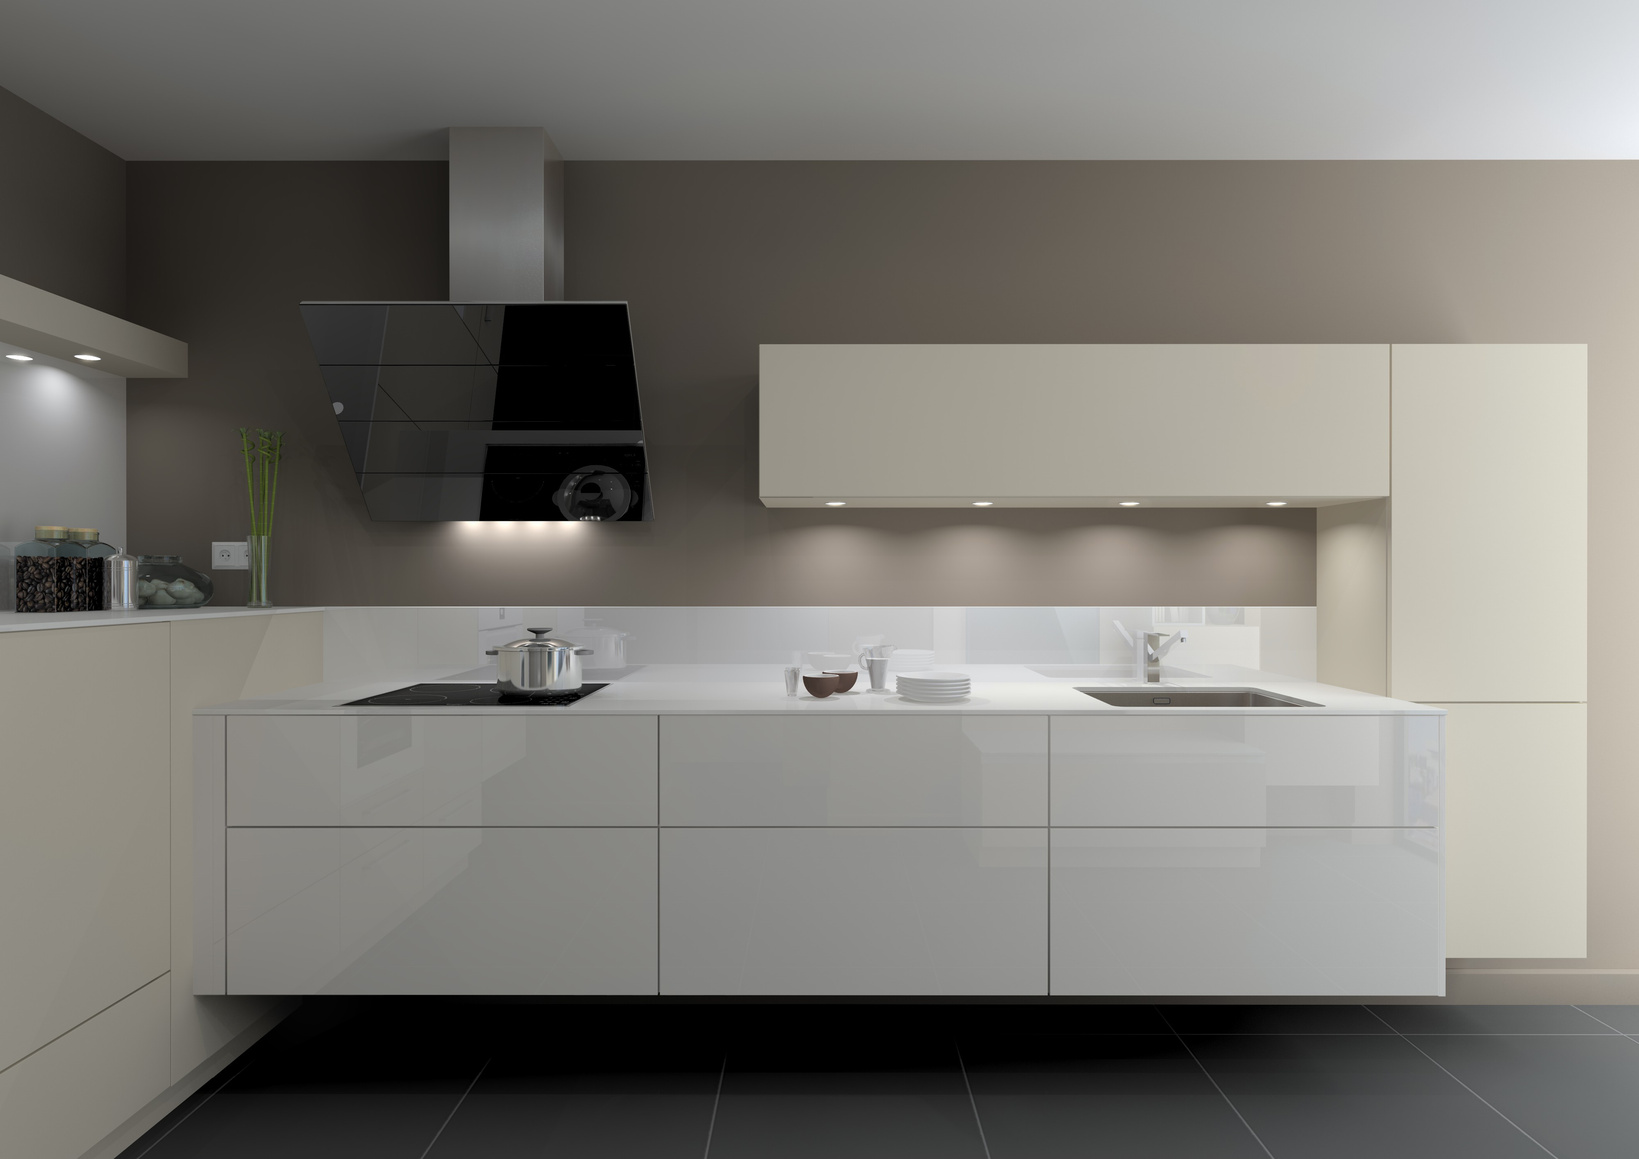 Die einzeilige Küche - klassische Küchenform mit Highlights